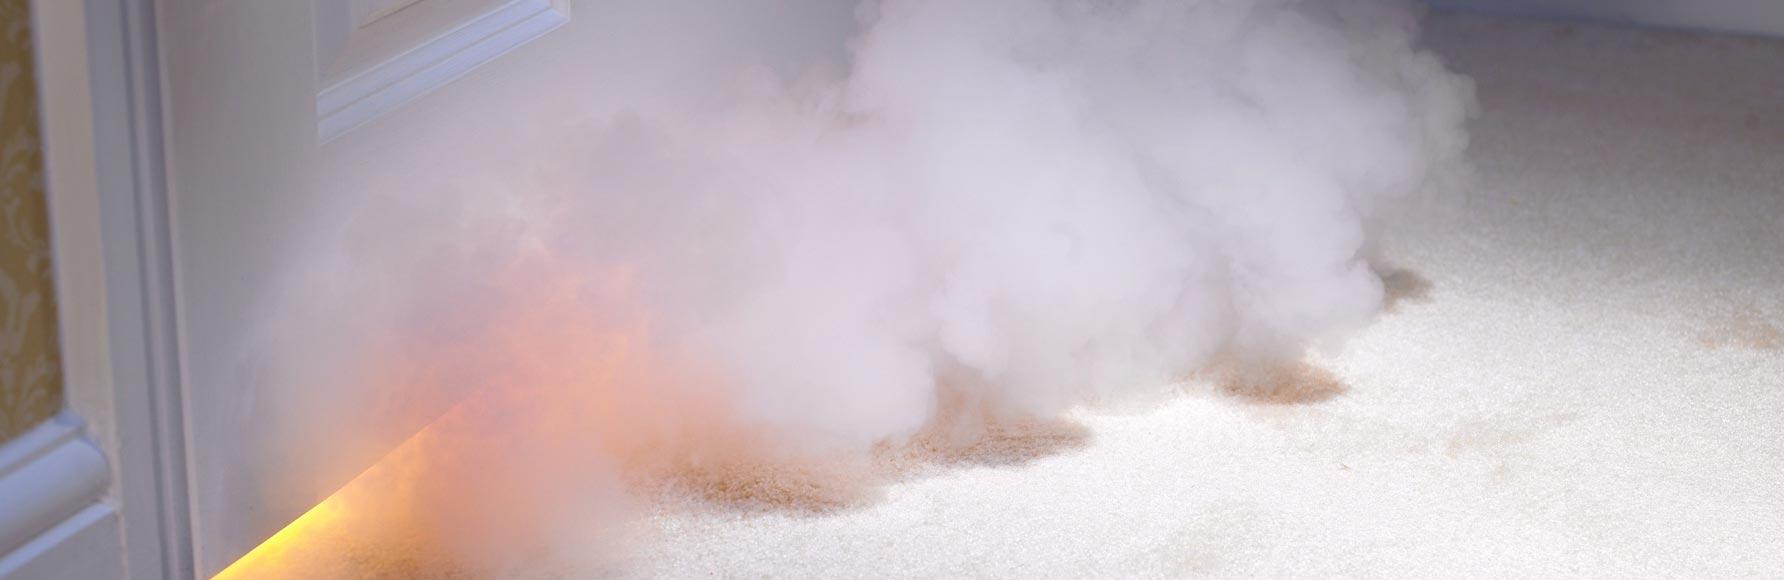 Smoke and Odor Removal